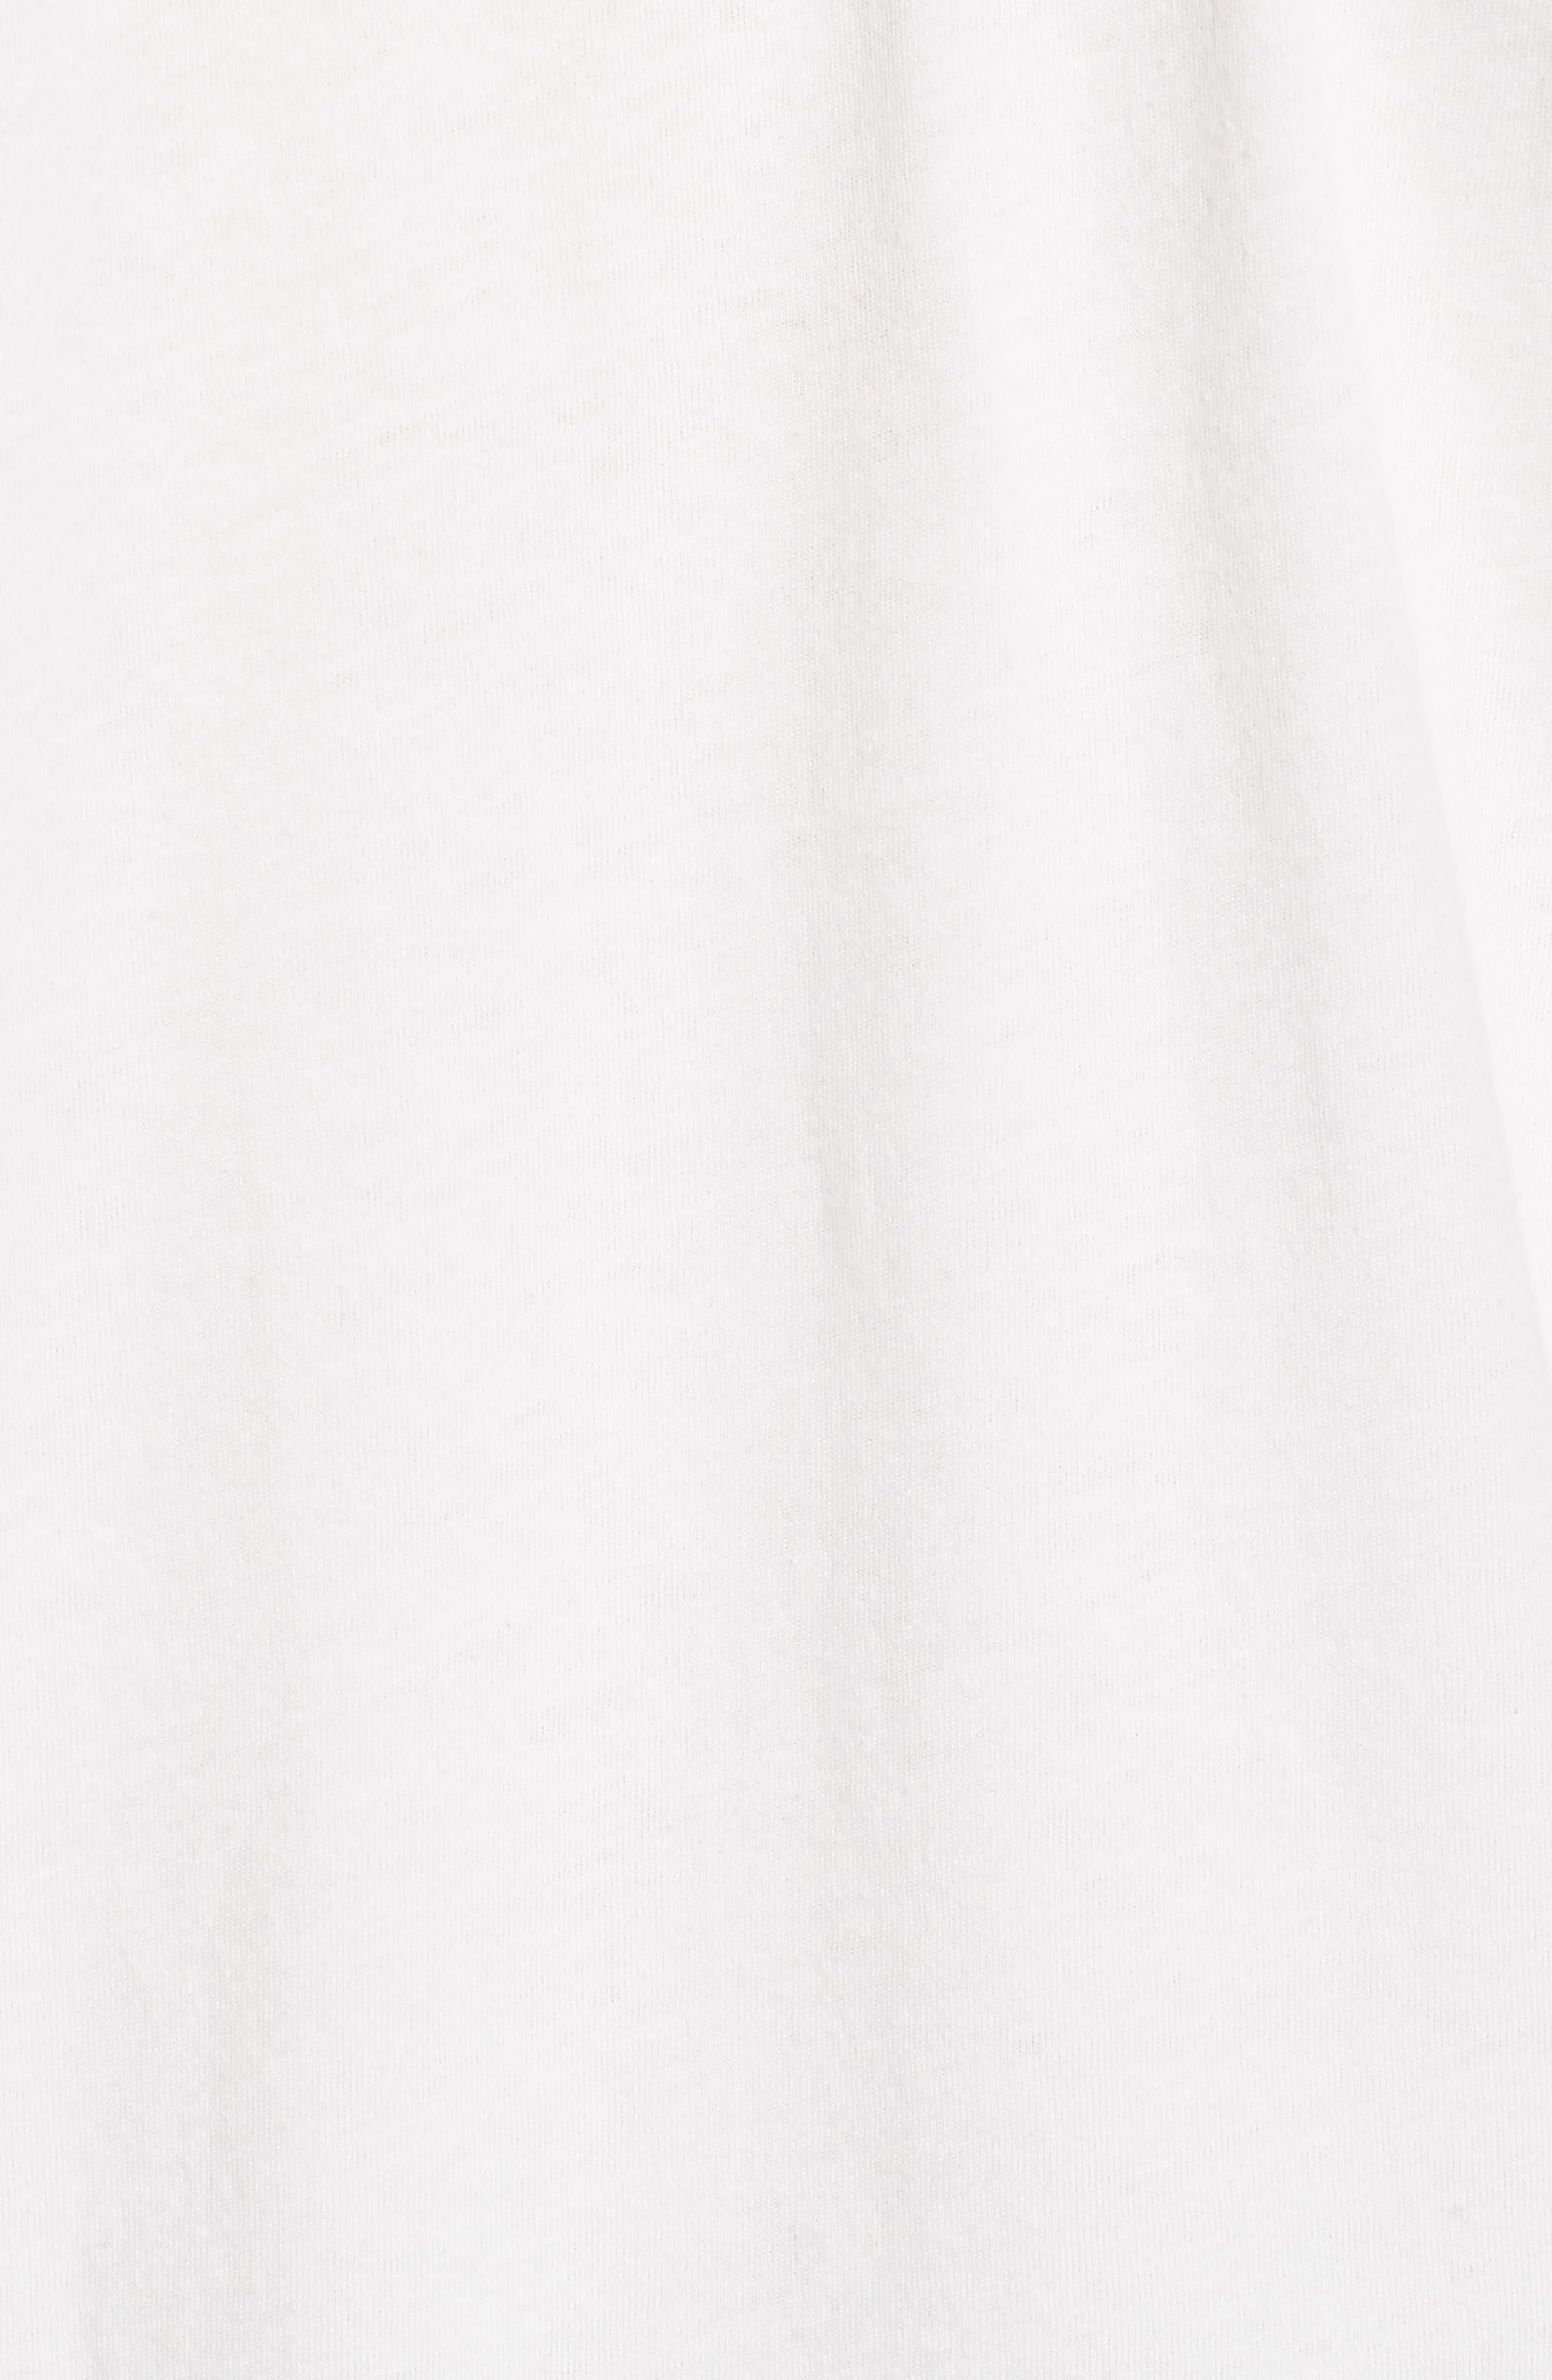 Arctic Ski Club T-Shirt,                             Alternate thumbnail 5, color,                             100